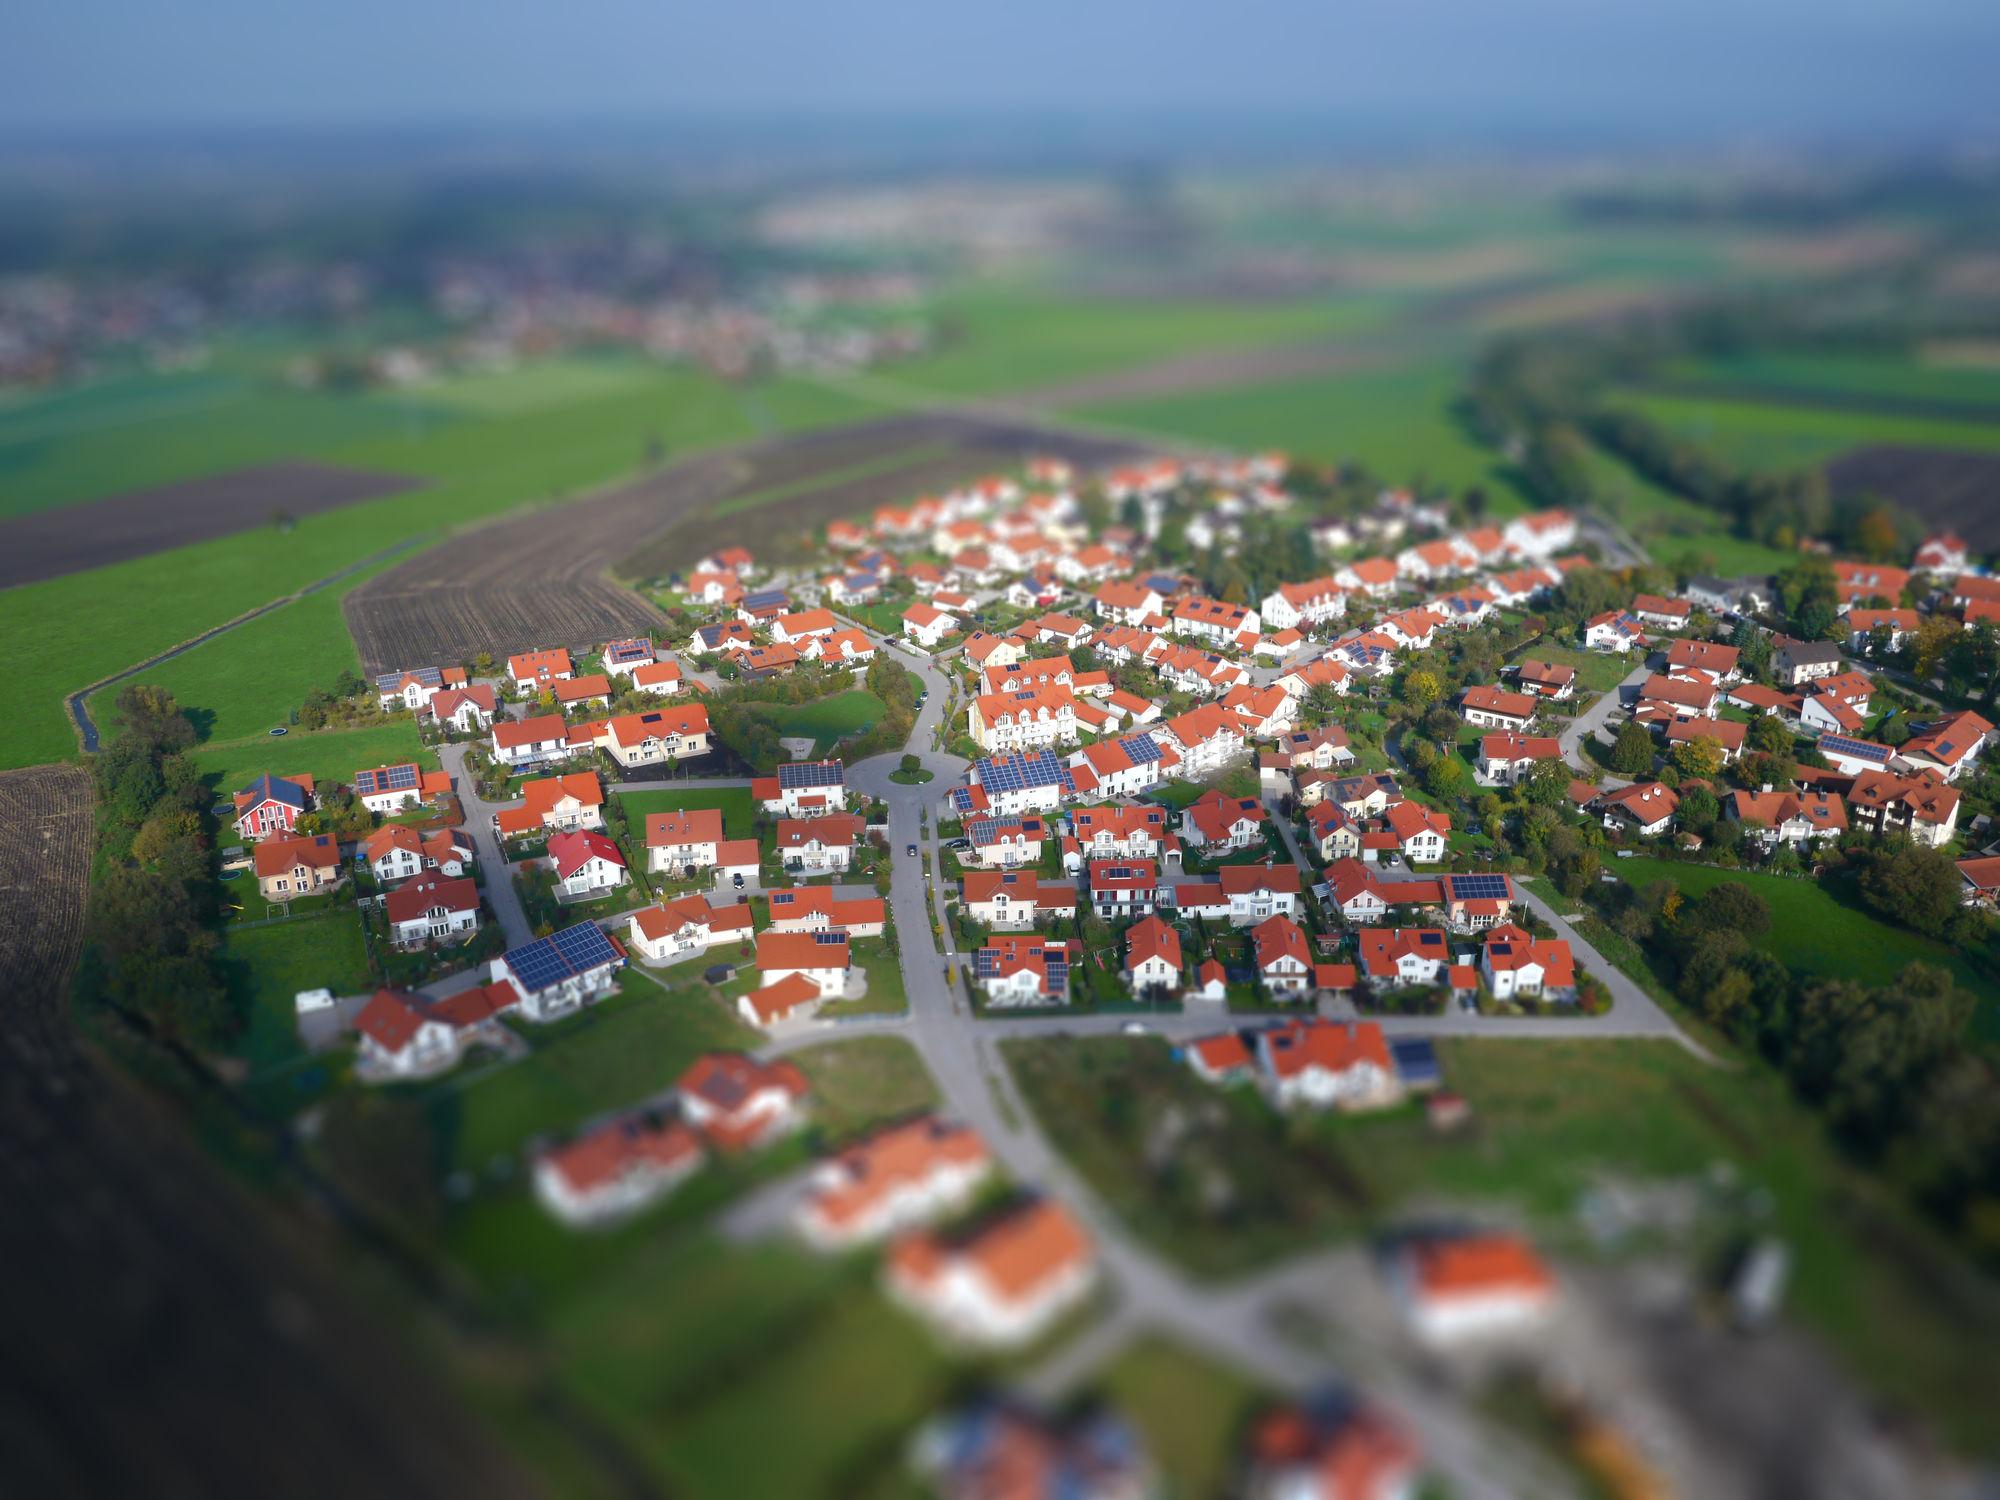 Luftbild einer Wohnsiedlung mit Tilt-Shift Effekt